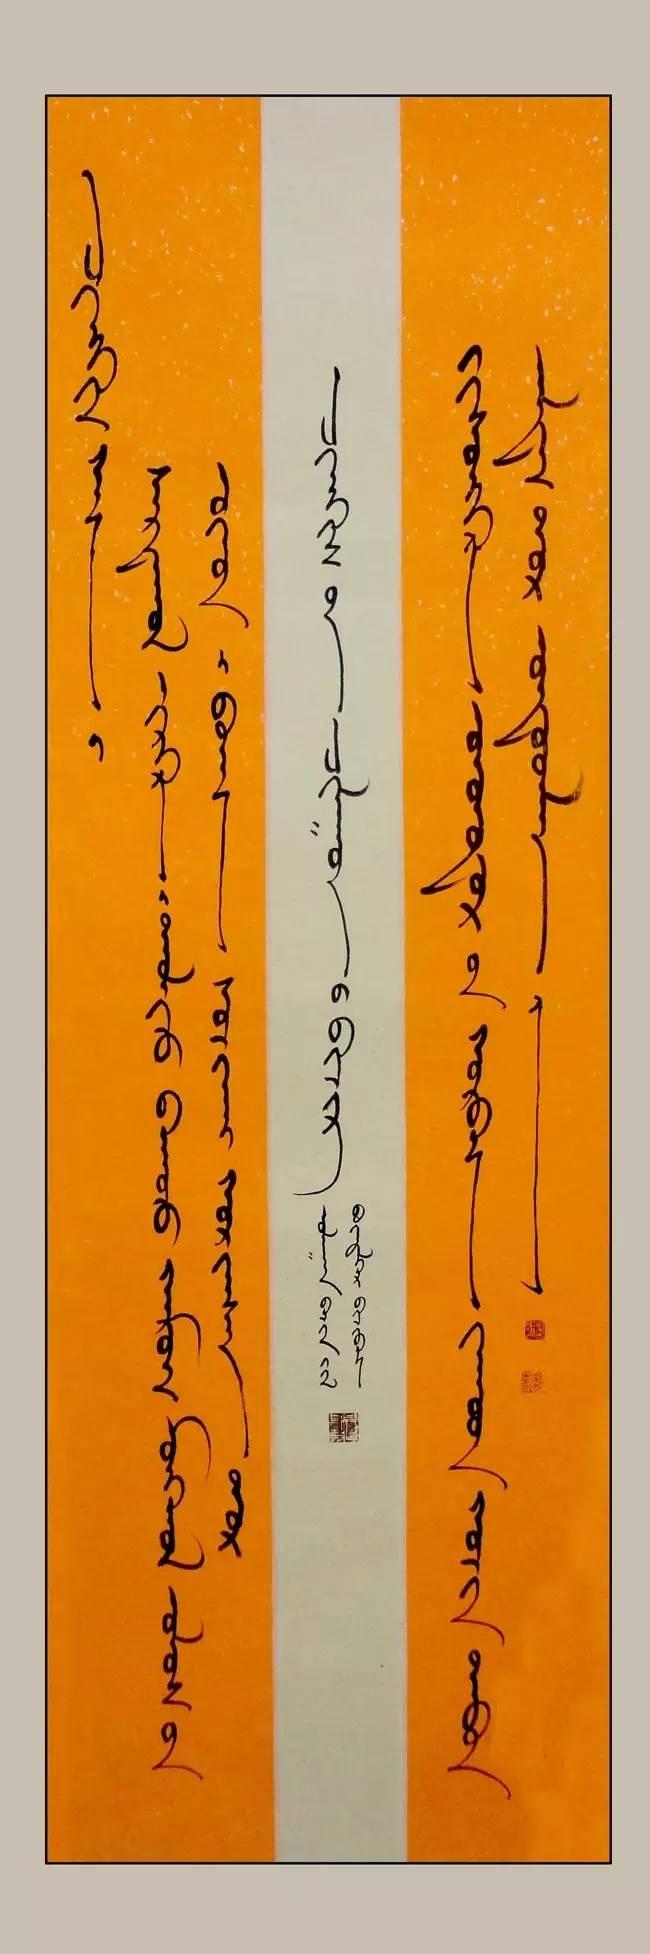 【纪实】蒙古书法的追寻着 —— 宝音德力格尔 第11张